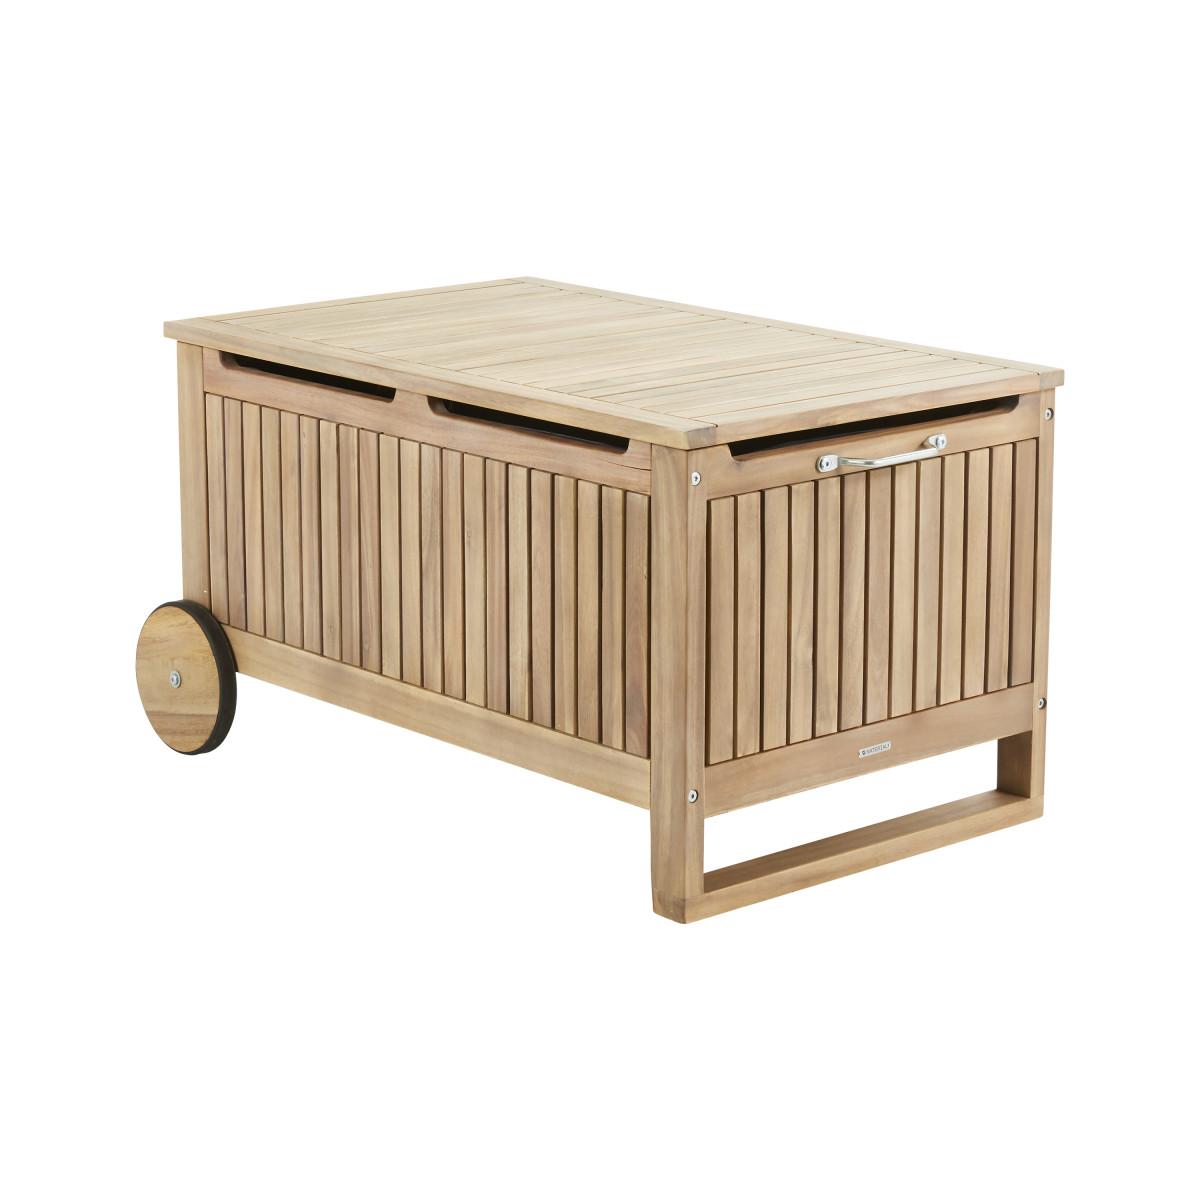 Скамья-ящик с колесами для хранения Naterial Solis акация светло-коричневый